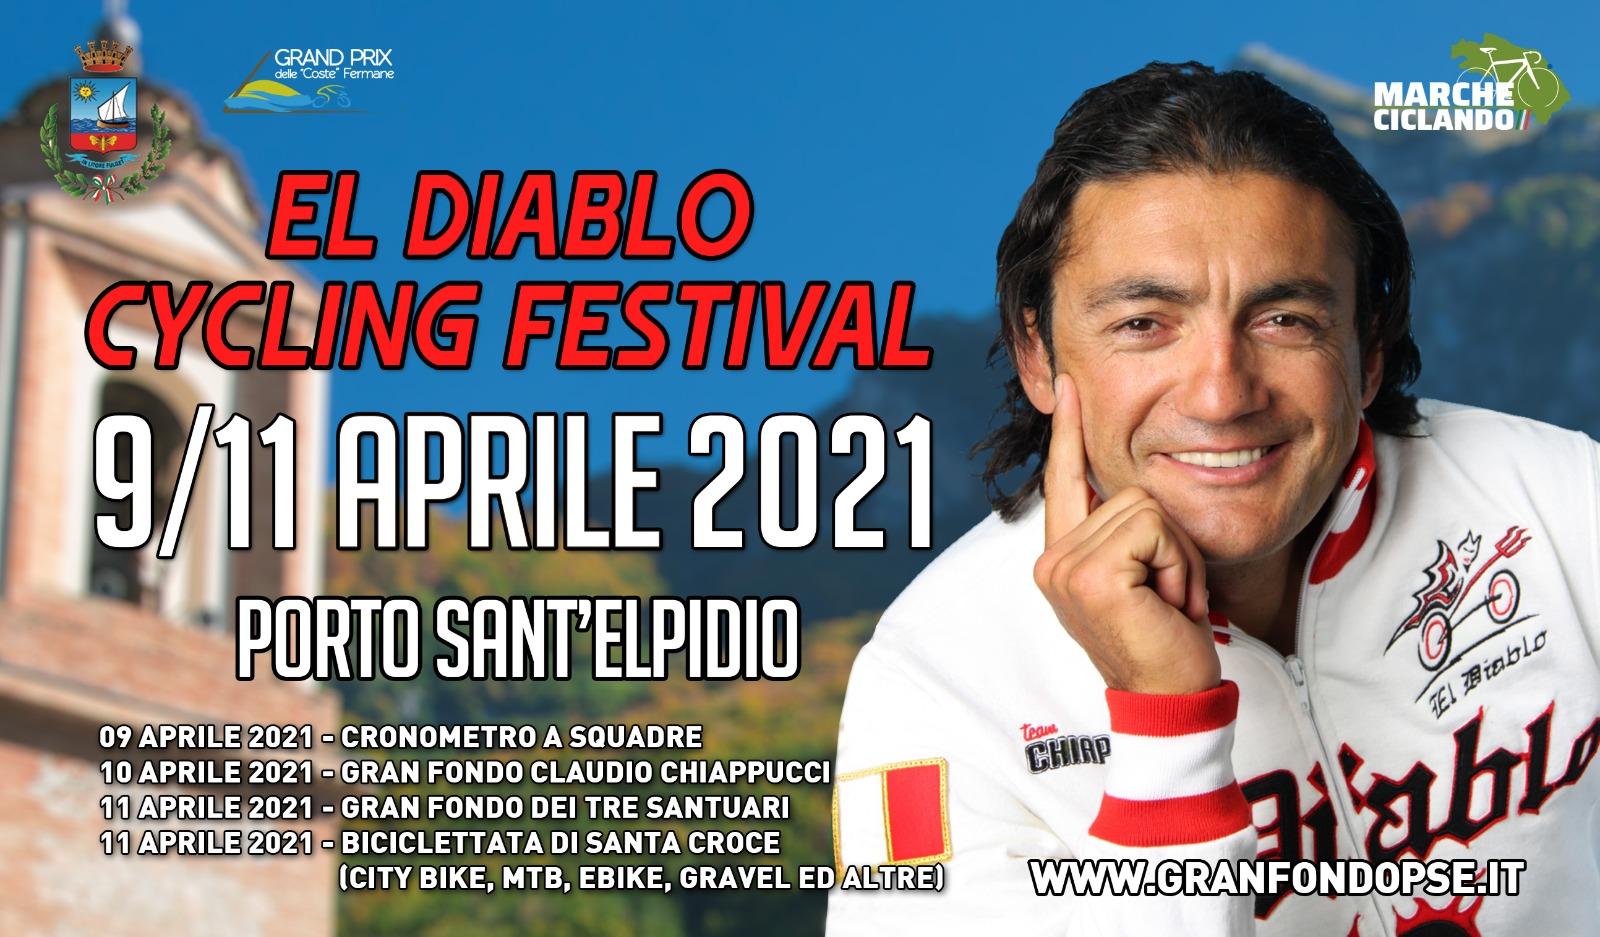 El Diablo Cycling Festival 2021 Porto Sant'Elpidio